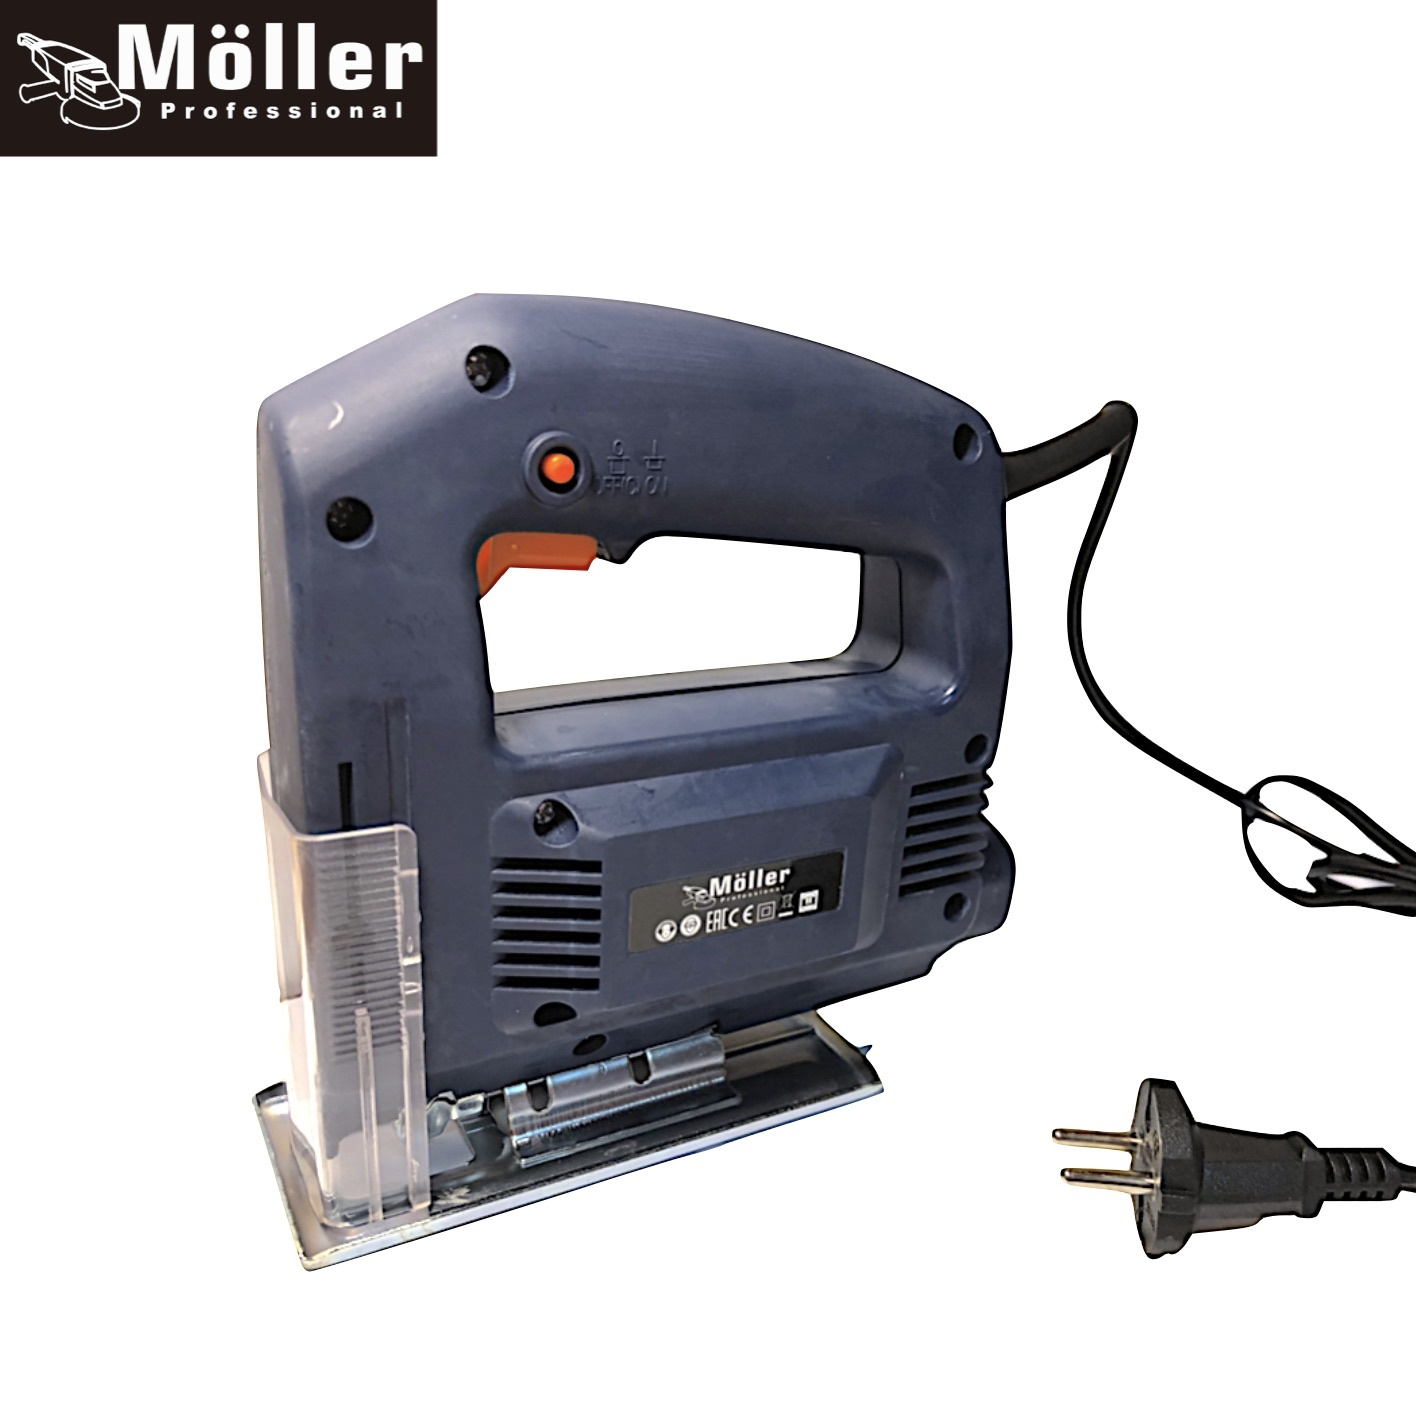 Möller Multitool 3-in-1 Klopboormachine + Haakse Slijper + Figuurzaag incl. Accessoires